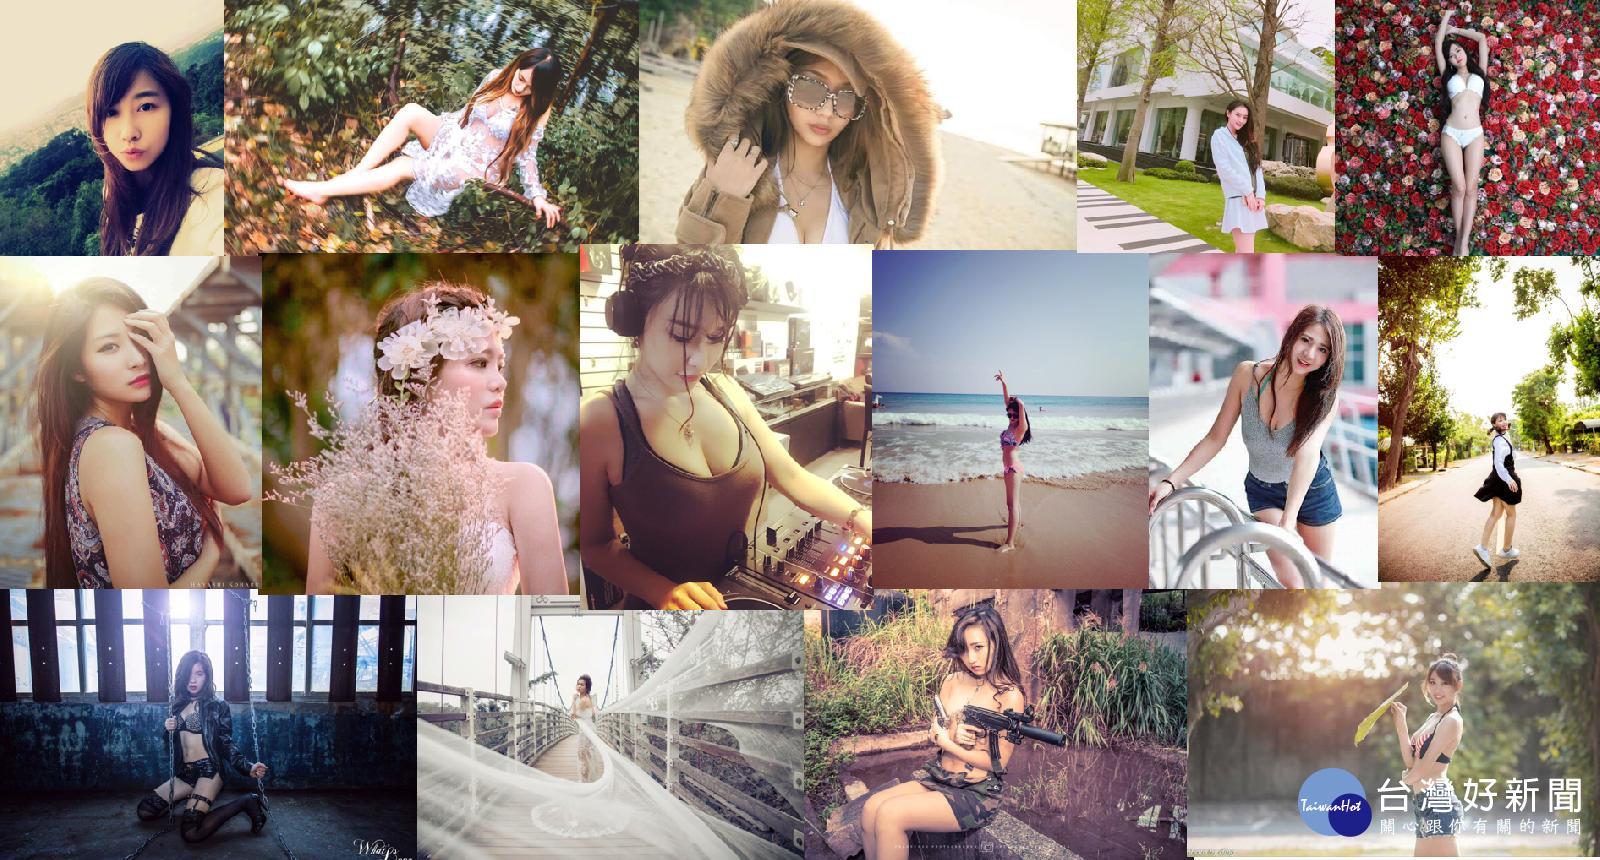 共遊夏日海濱 與20位 model一起外拍趣